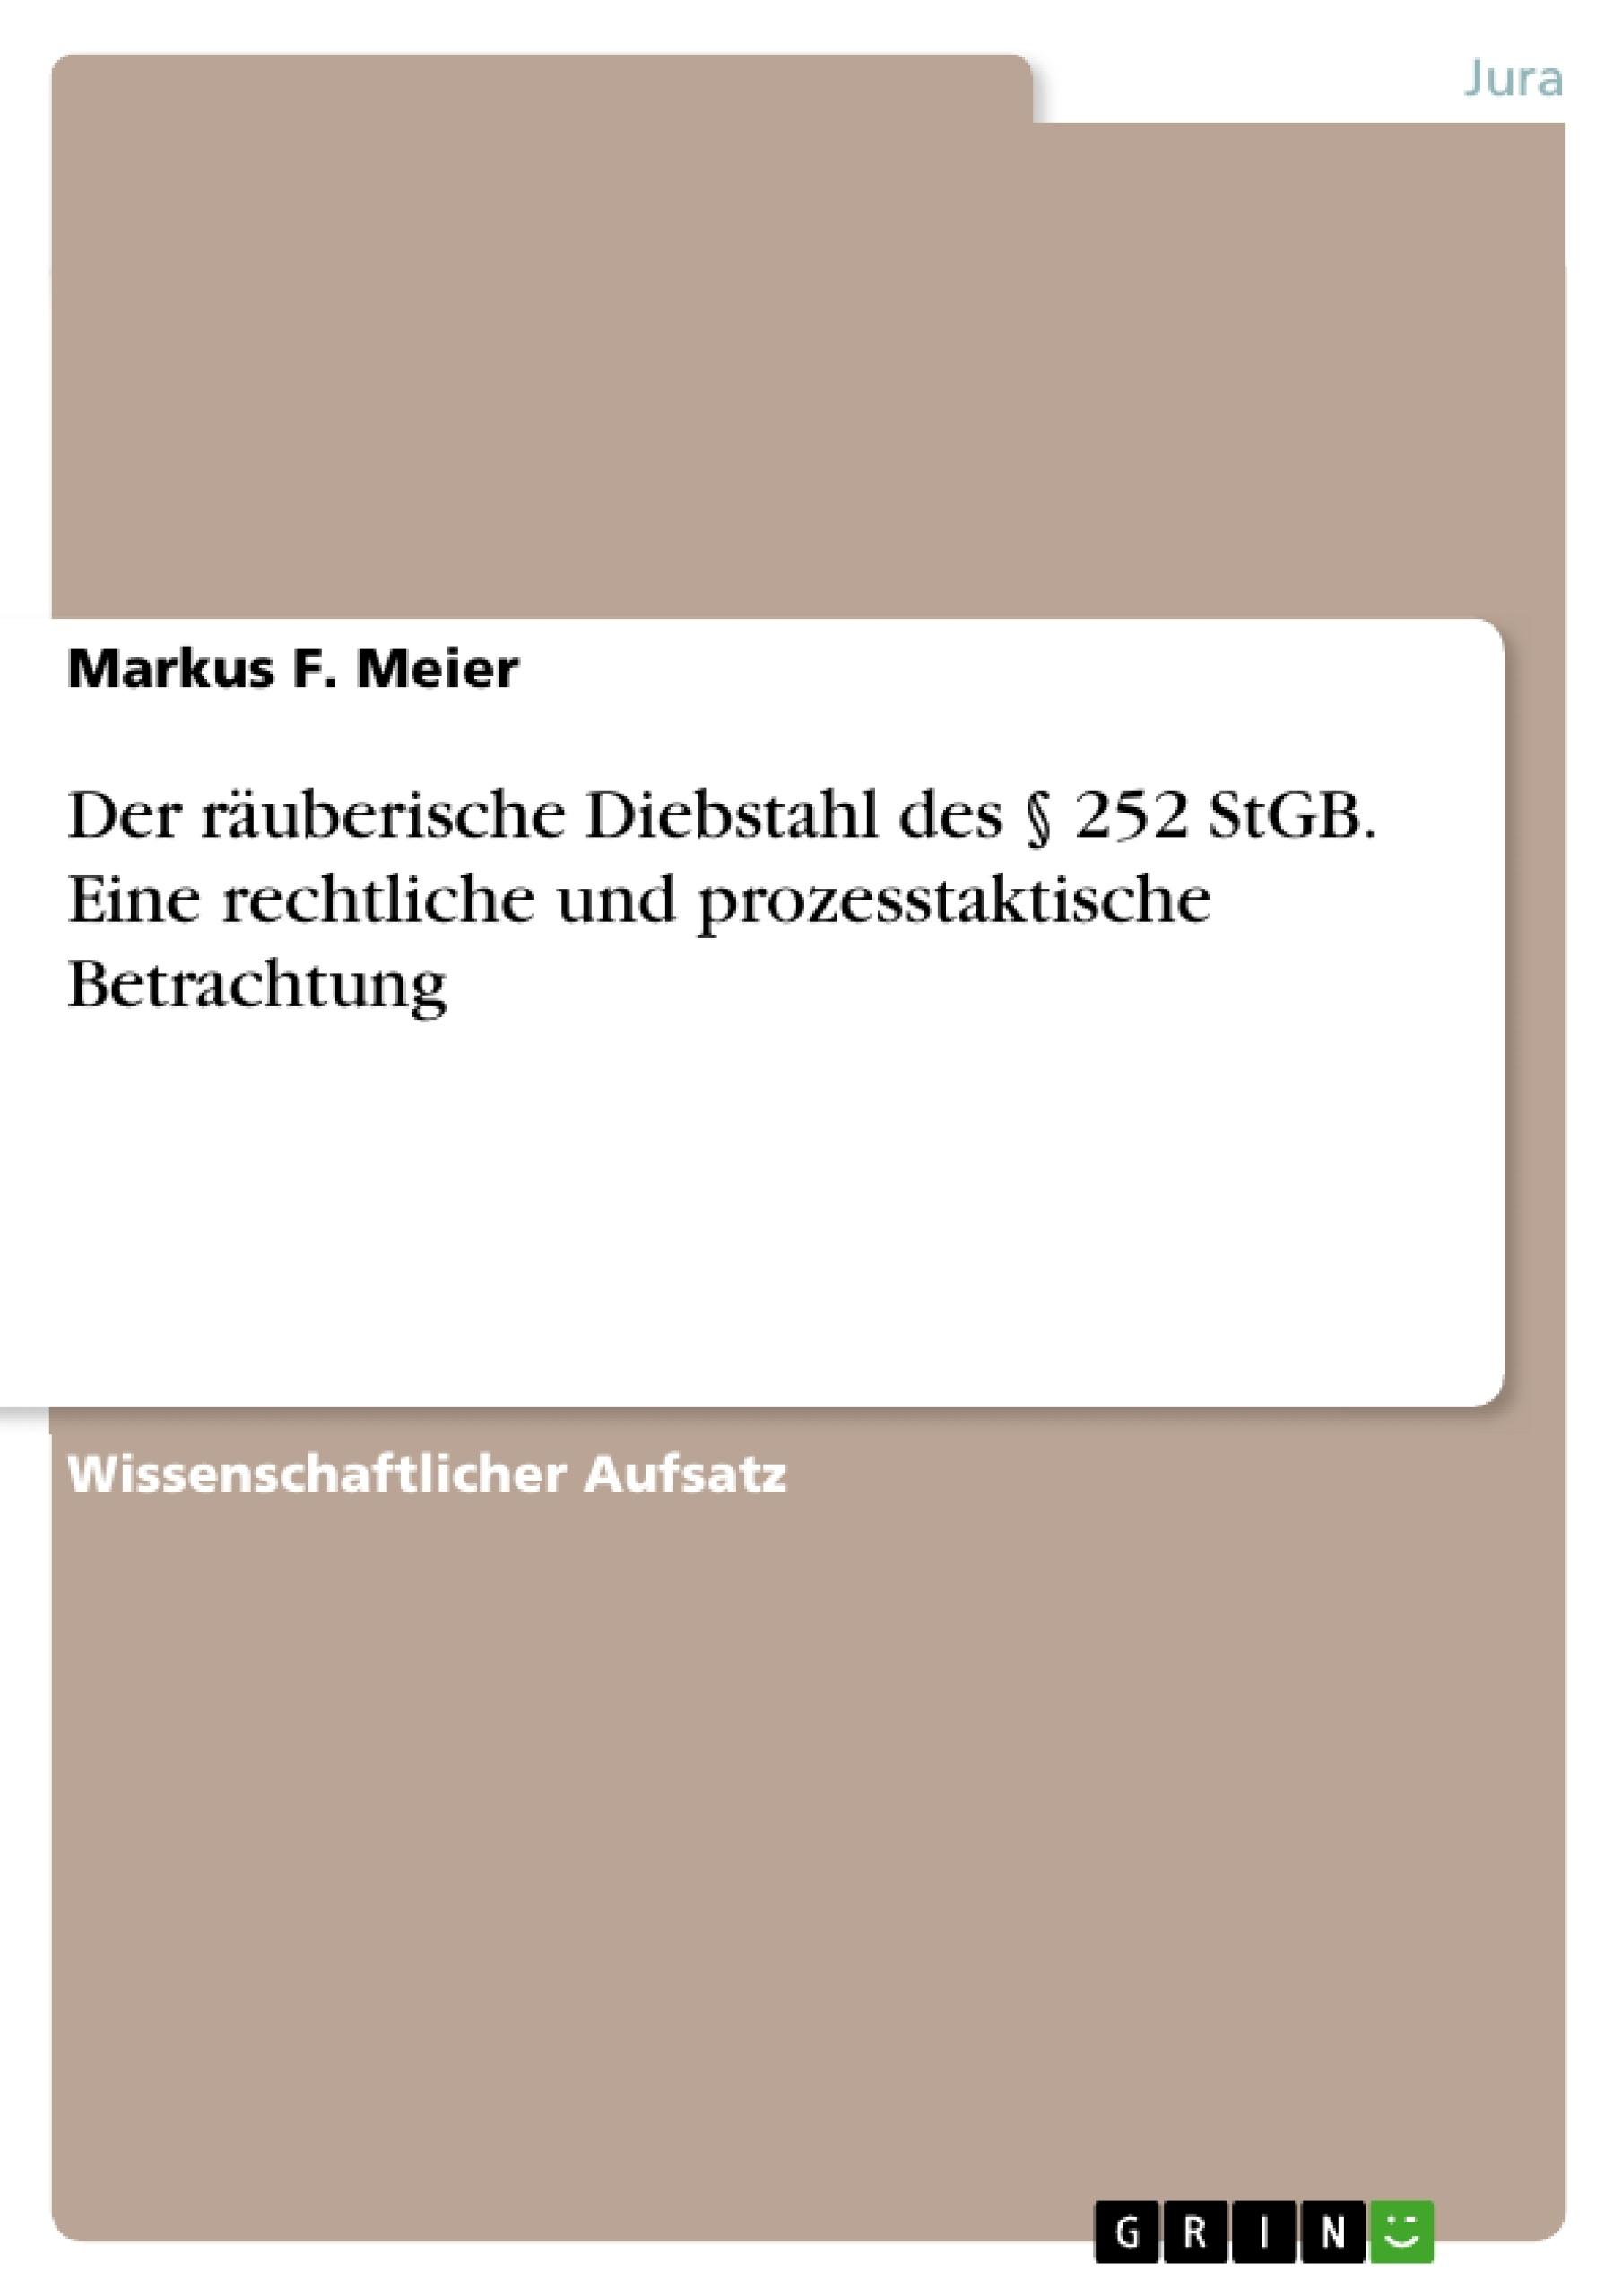 Titel: Der räuberische Diebstahl des § 252 StGB. Eine rechtliche und prozesstaktische Betrachtung